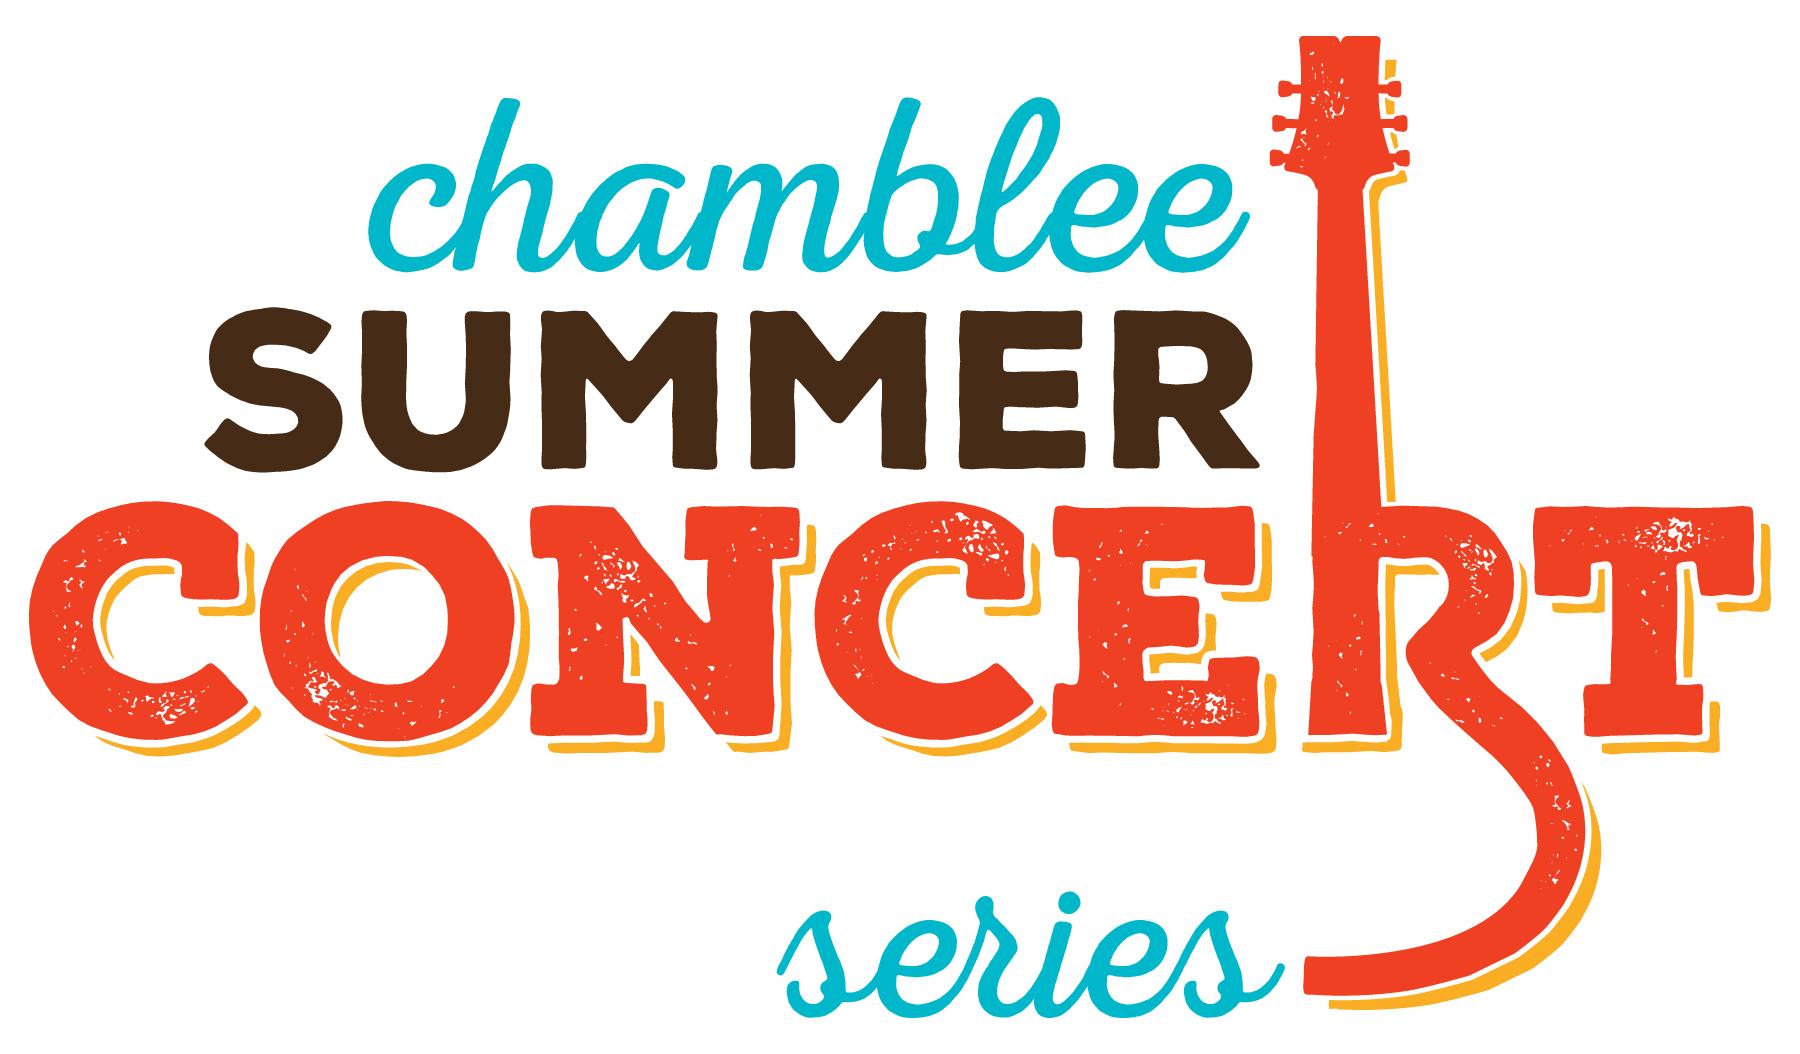 Chamblee-Summer-Concert-logo-final.jpg